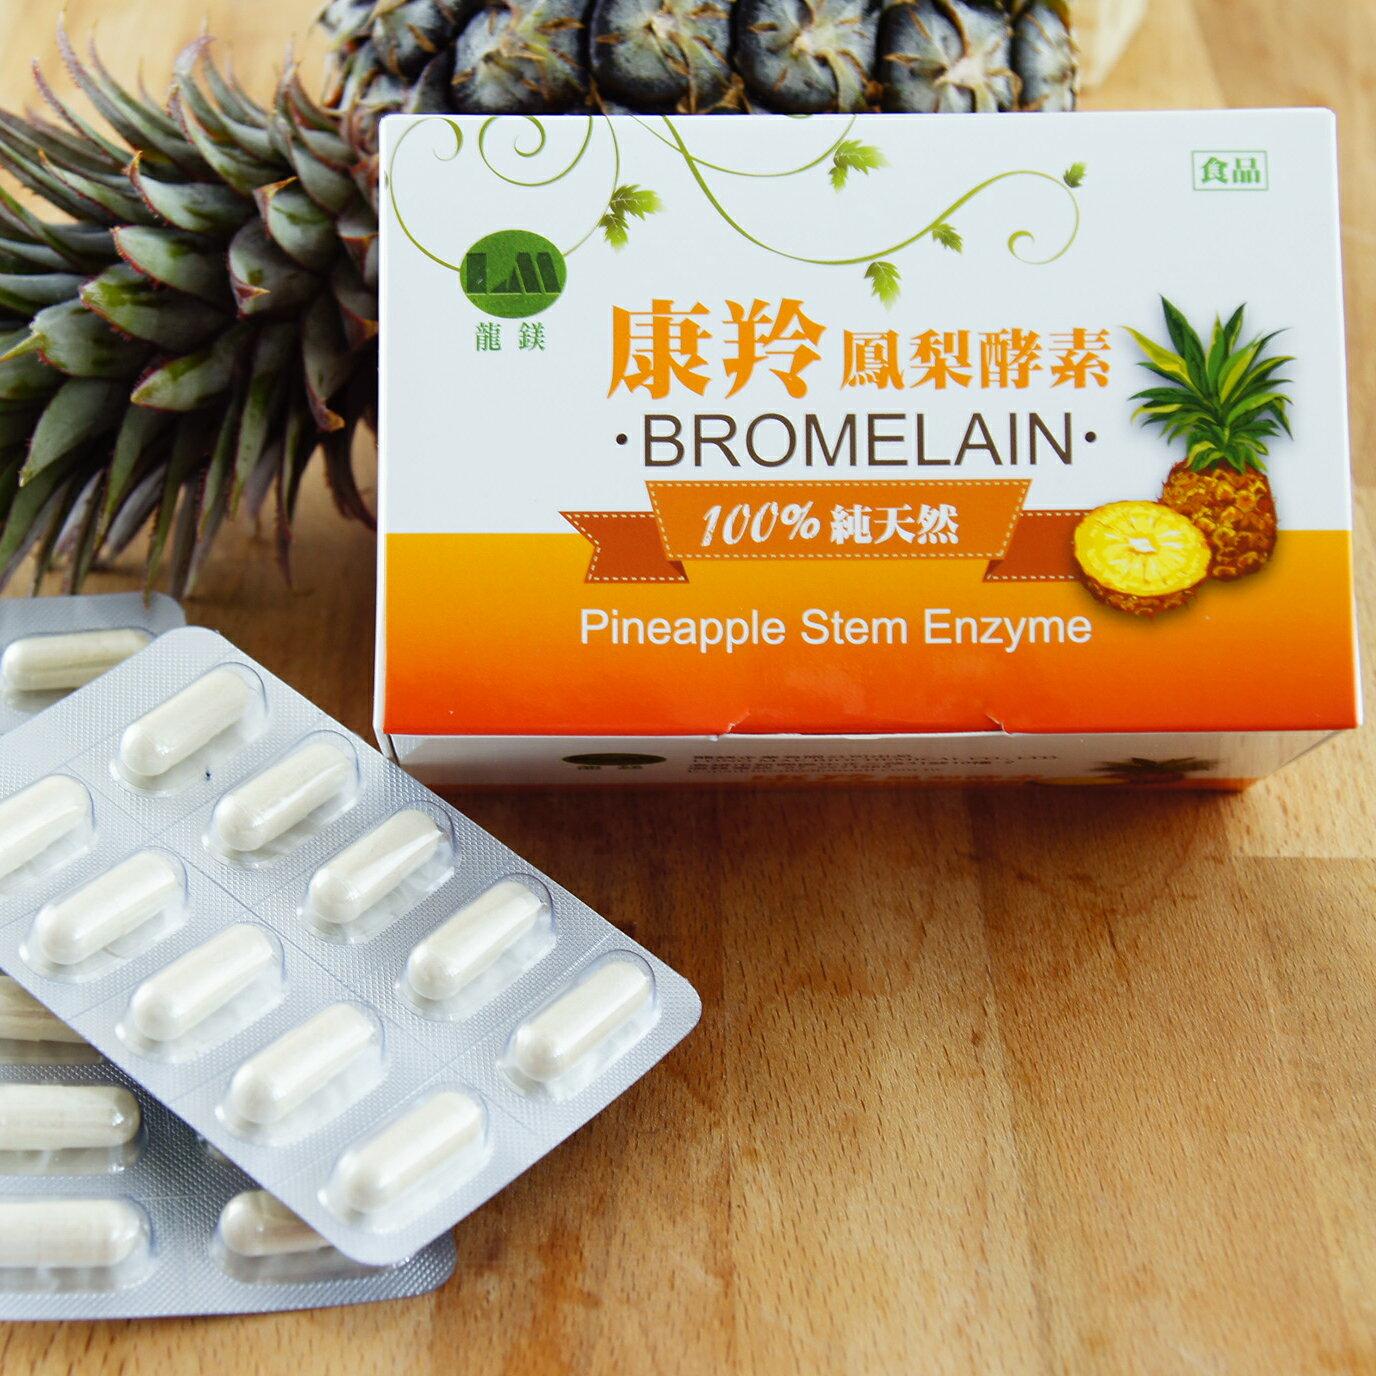 【龍鎂康羚BROMELAIN 】(120粒*5盒) 100%純天然鳳梨酵素組合包3:120粒*5盒/每盒750元/免運費+贈送40粒增量包